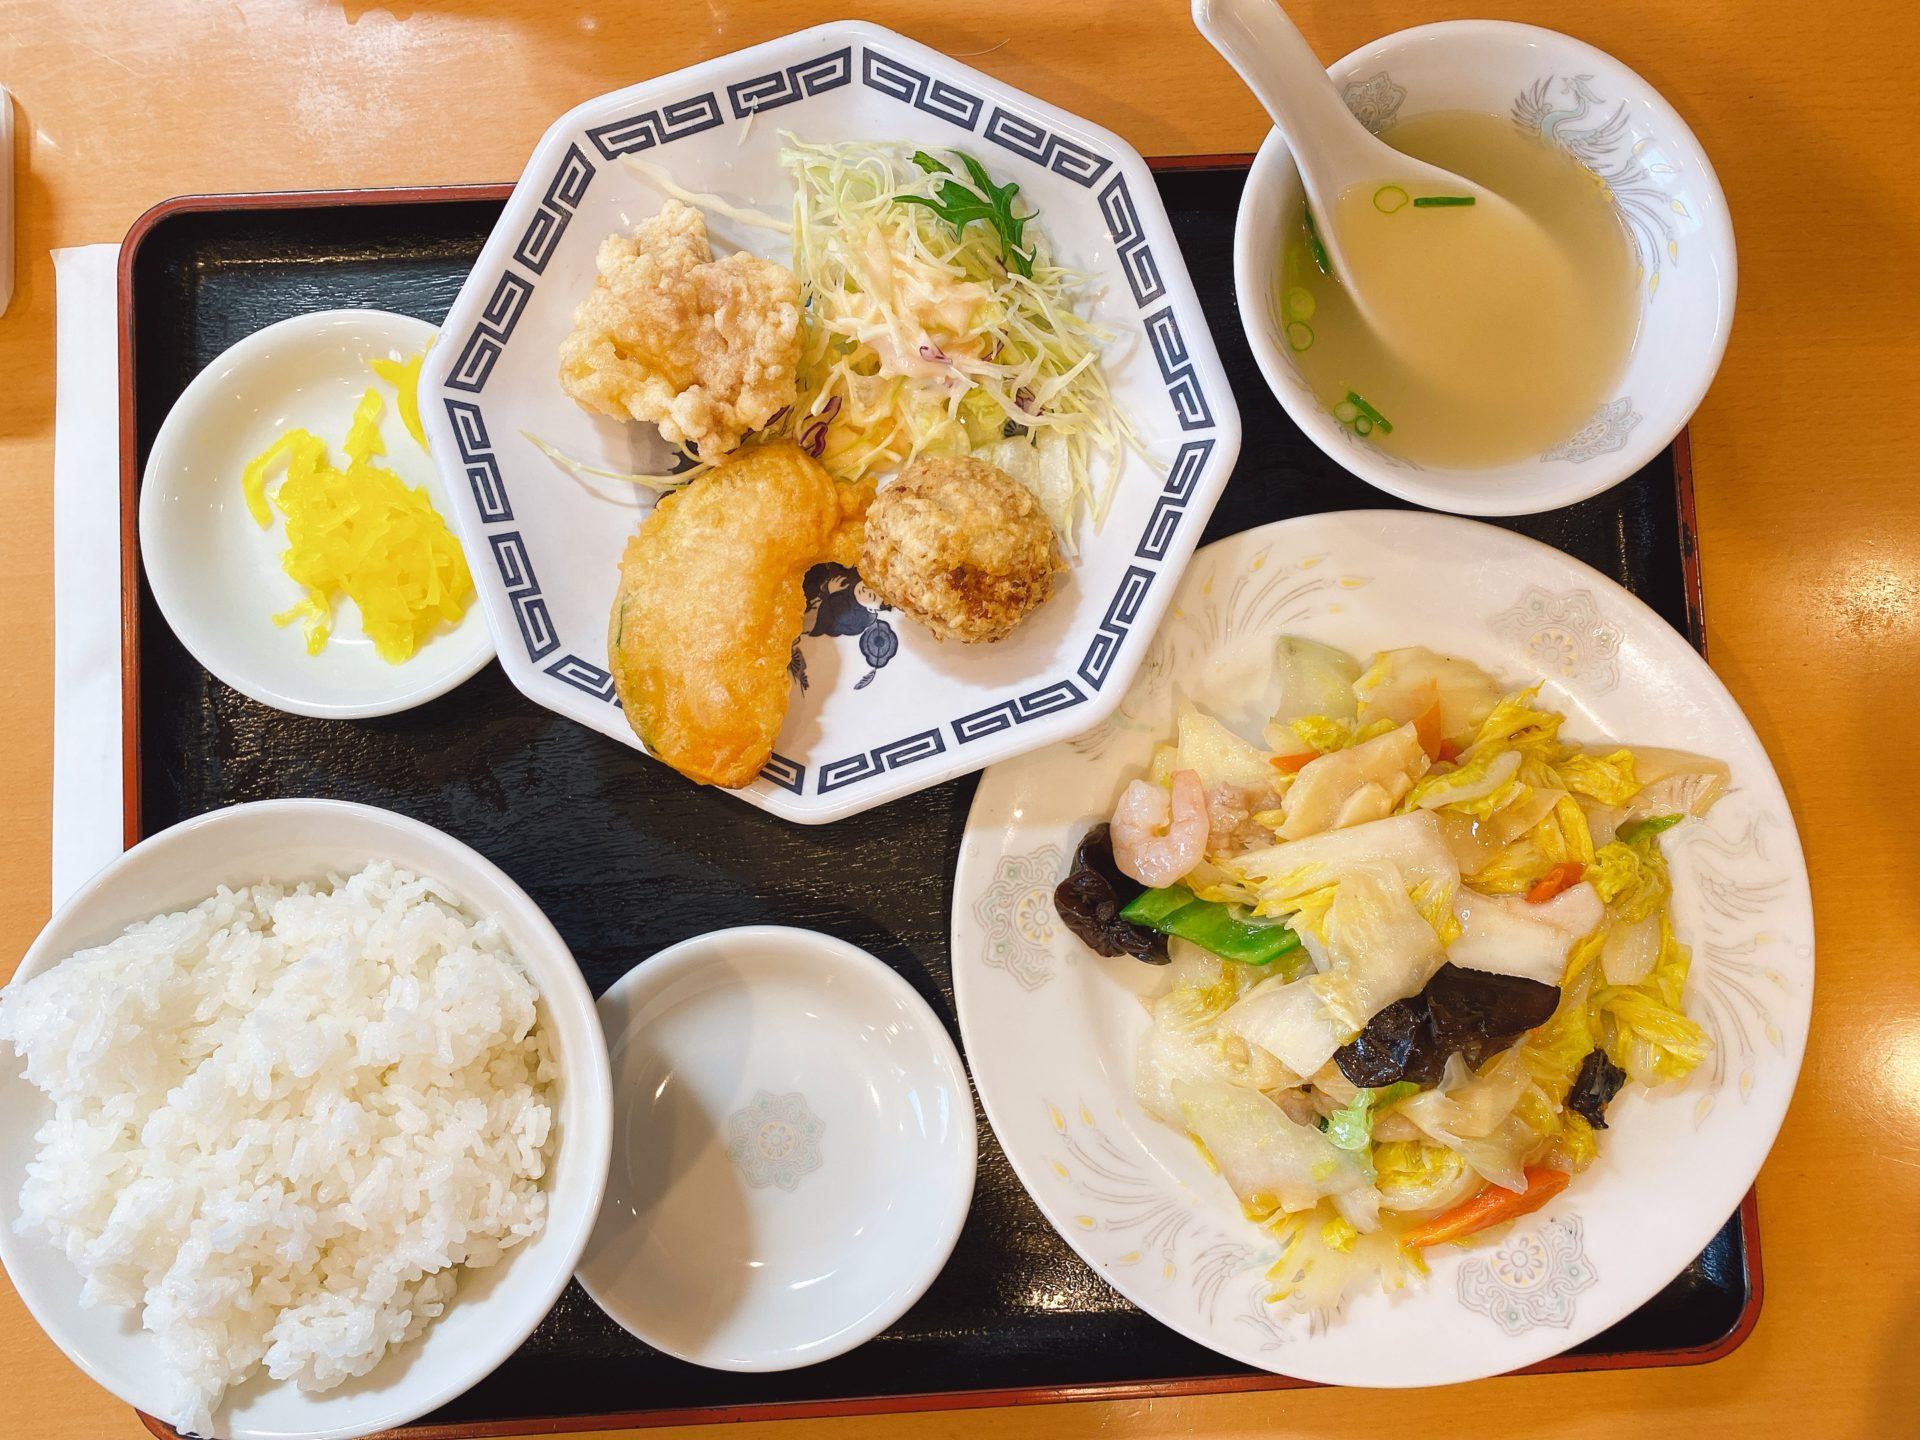 大元駅から徒歩7分 中華料理 香徳園のランチがとにかく美味しい!開店と同時に満席になる人気の秘密は早さとボリュームも!